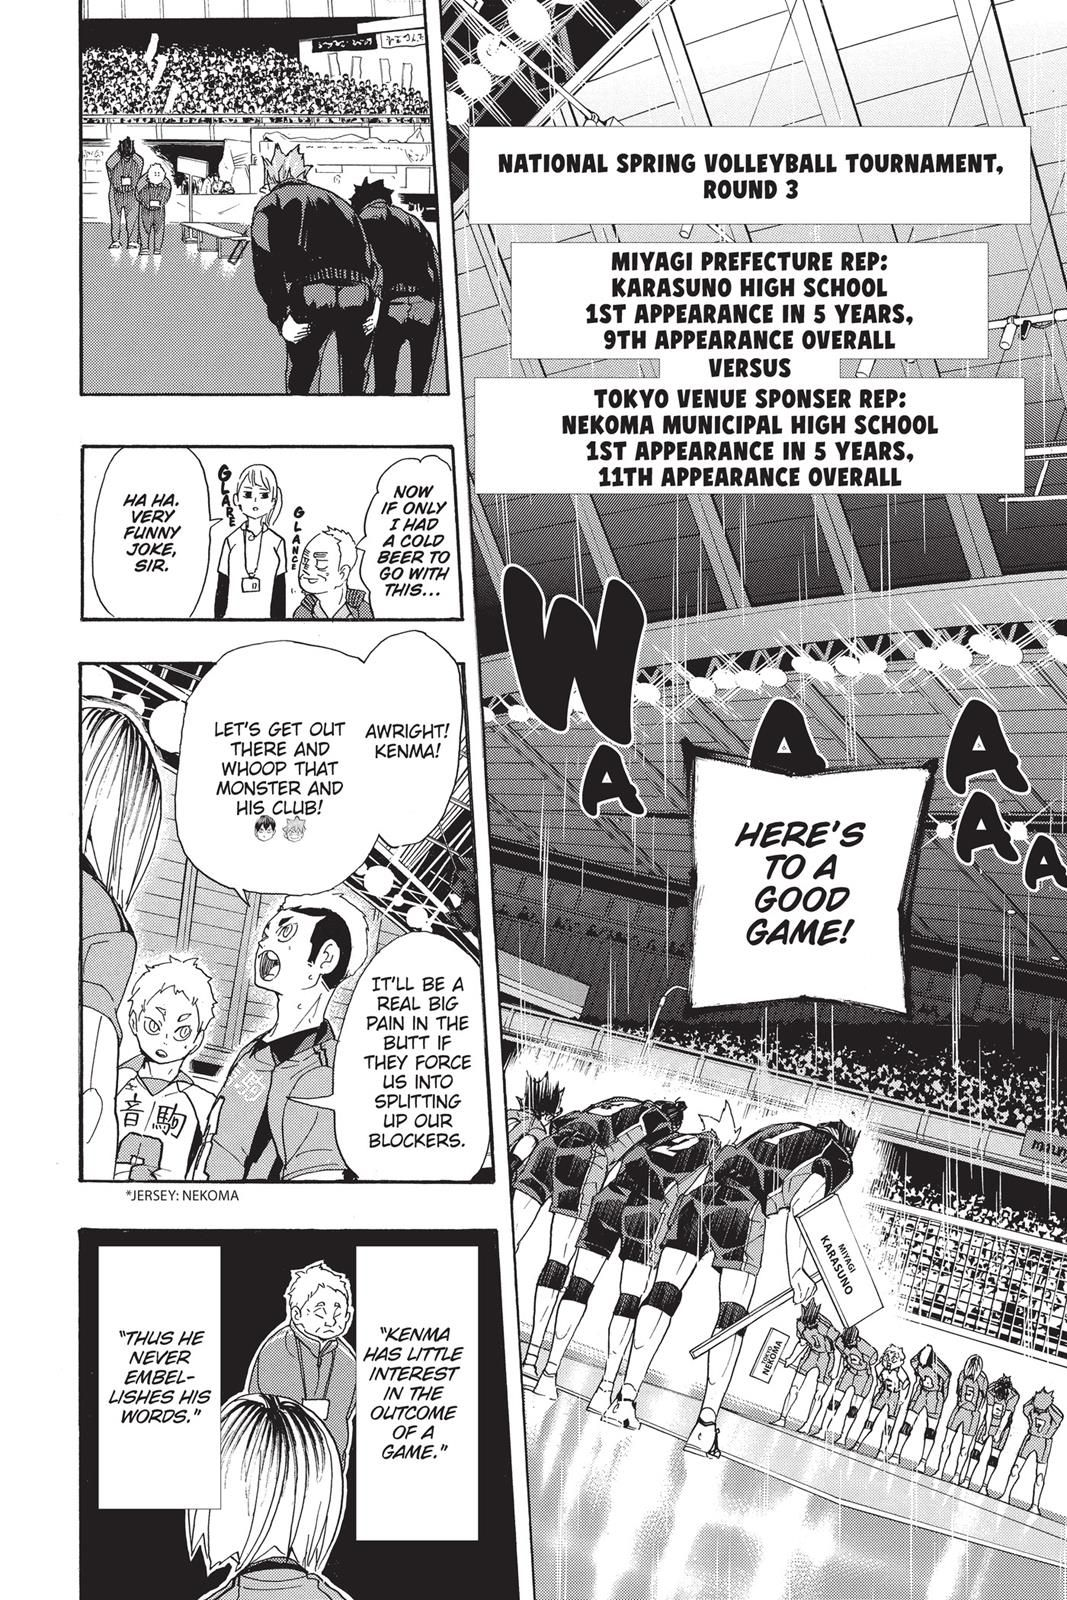 Haikyuu Chapter 293 Read Haikyuu Manga Online In 2020 Haikyuu Haikyuu Manga Manga